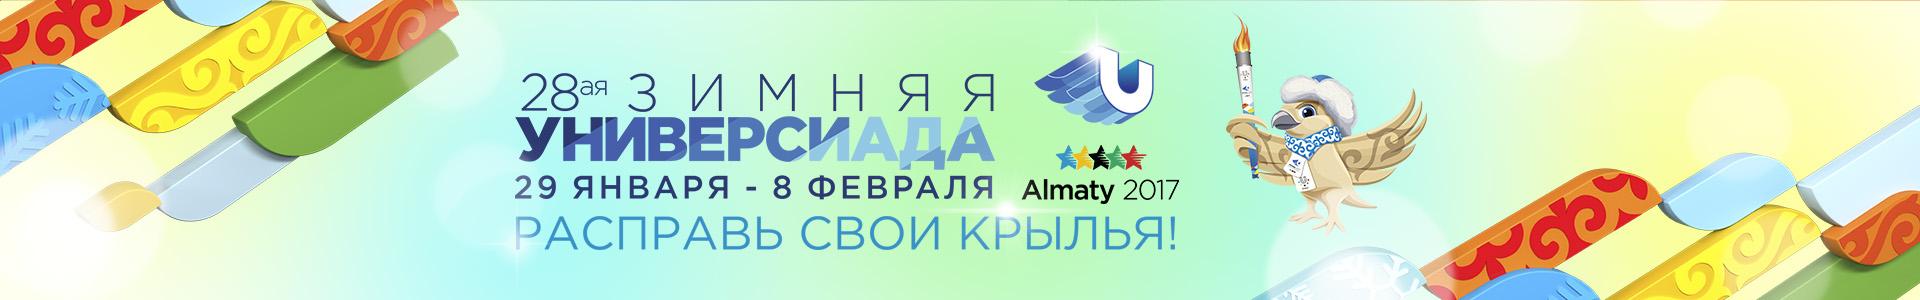 universiada-ru-banner